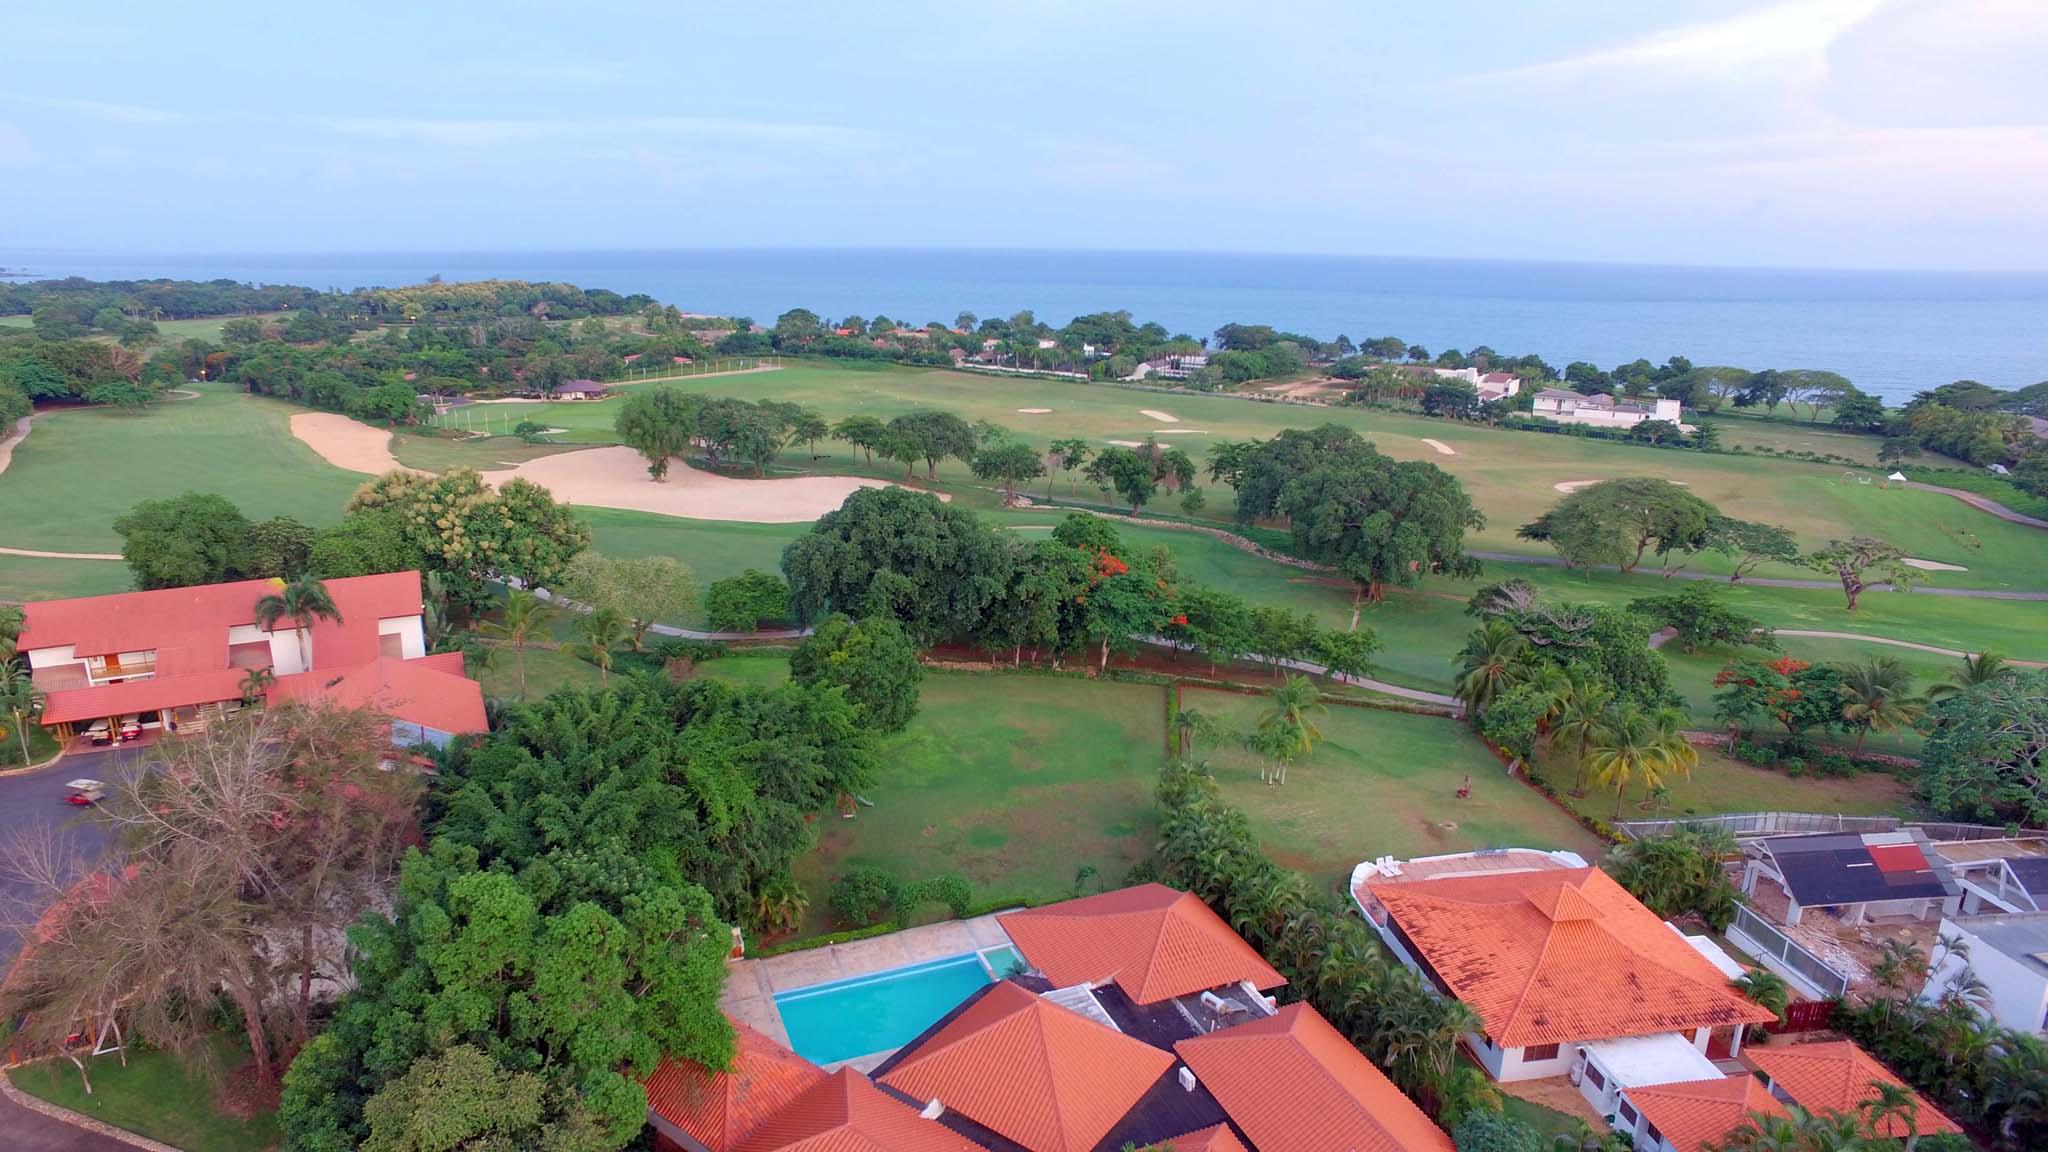 For sale villa casa de campo la romana dominican republic cajuiles 65 dominican republic - Casa de campo la romana ...